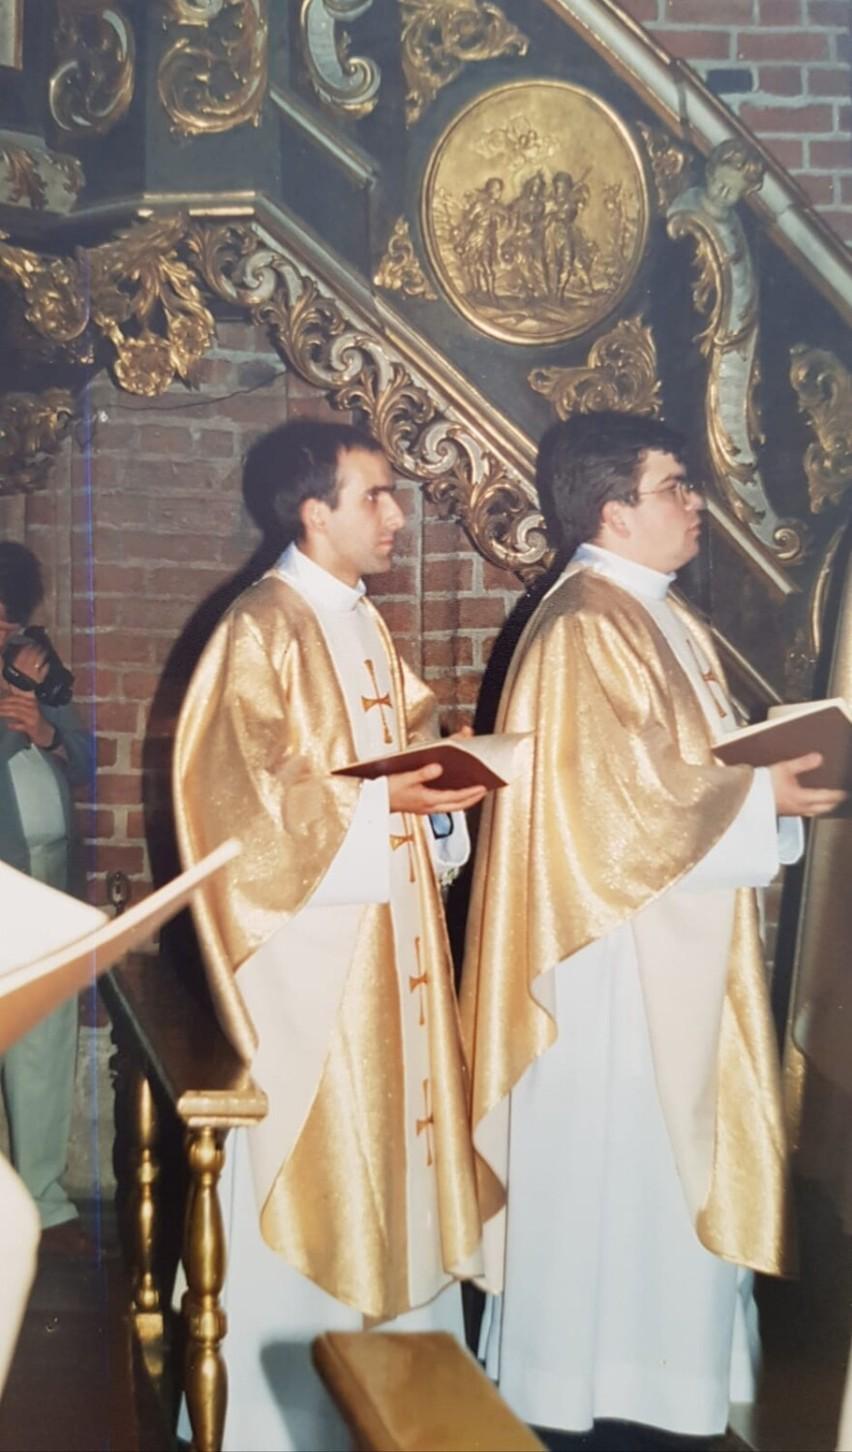 Gm. Szamotuły. Ks. Krzysztof Ratajczak - proboszcz parafii w Otorowie obchodzi jubileusz 20 - lecia święceń kapłańskich